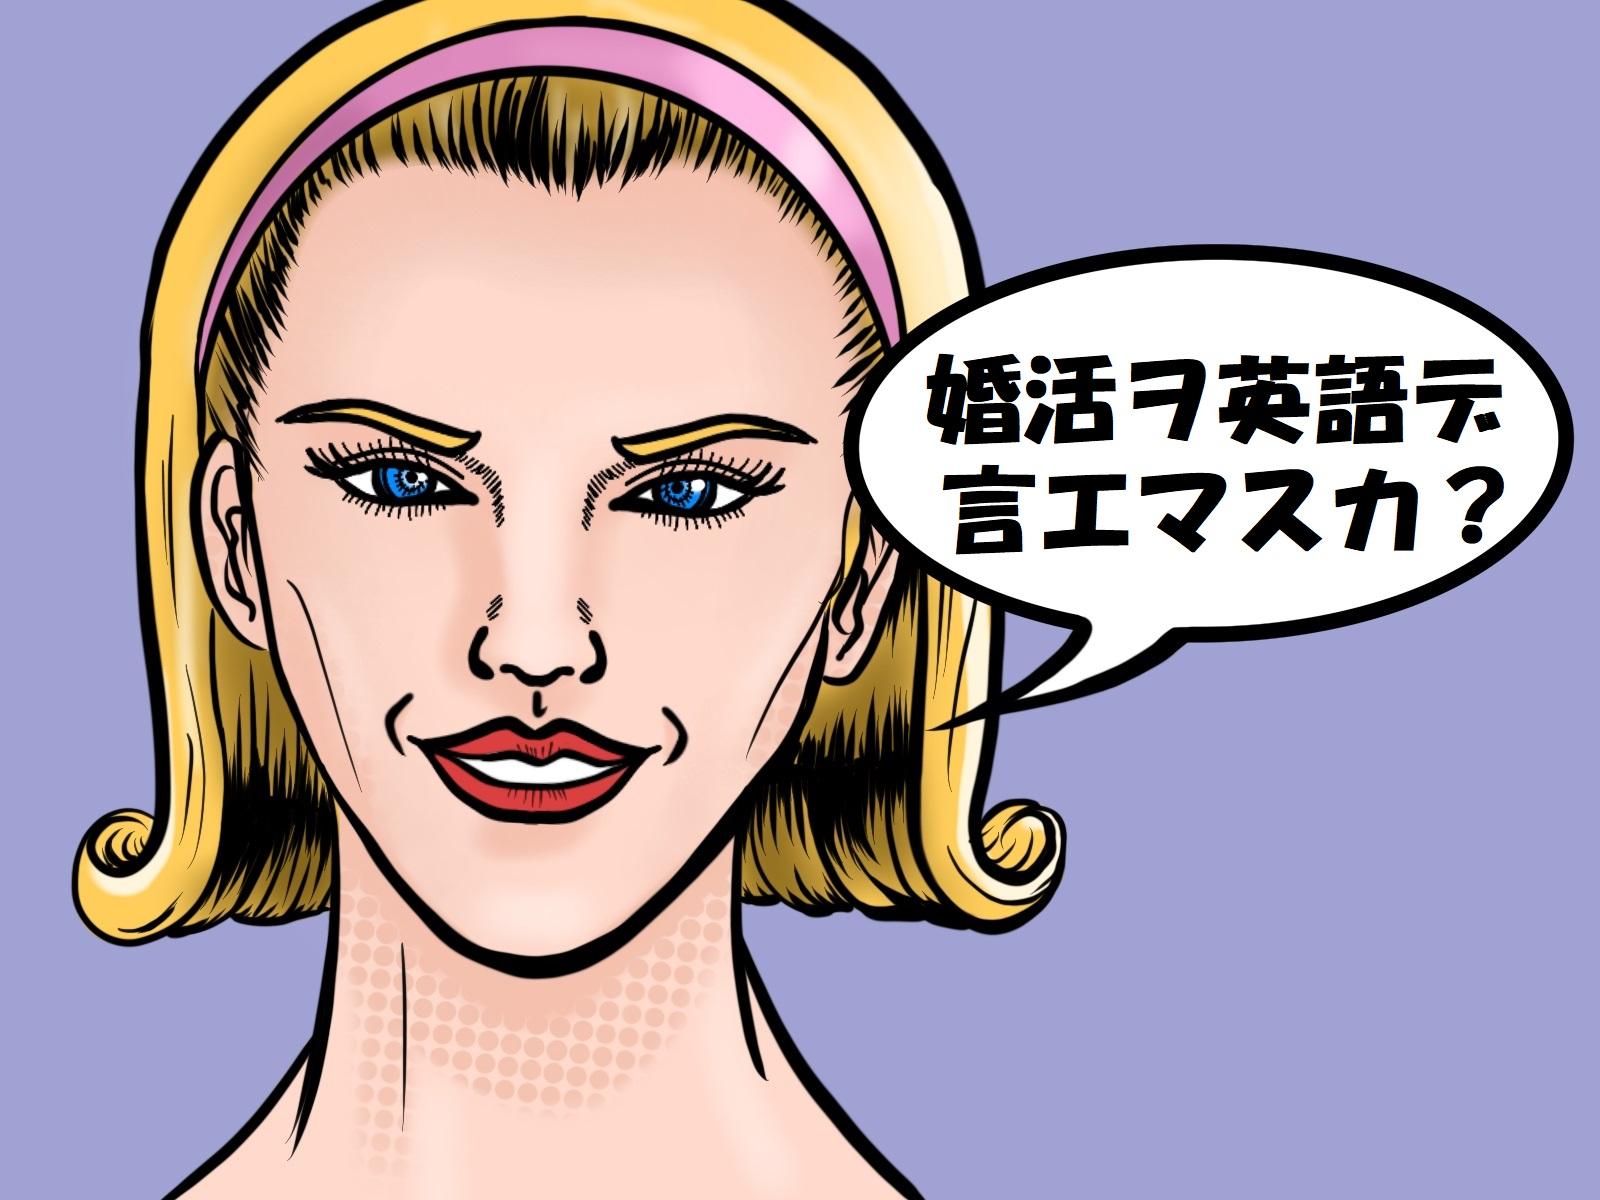 婚活を英語で言えますか?